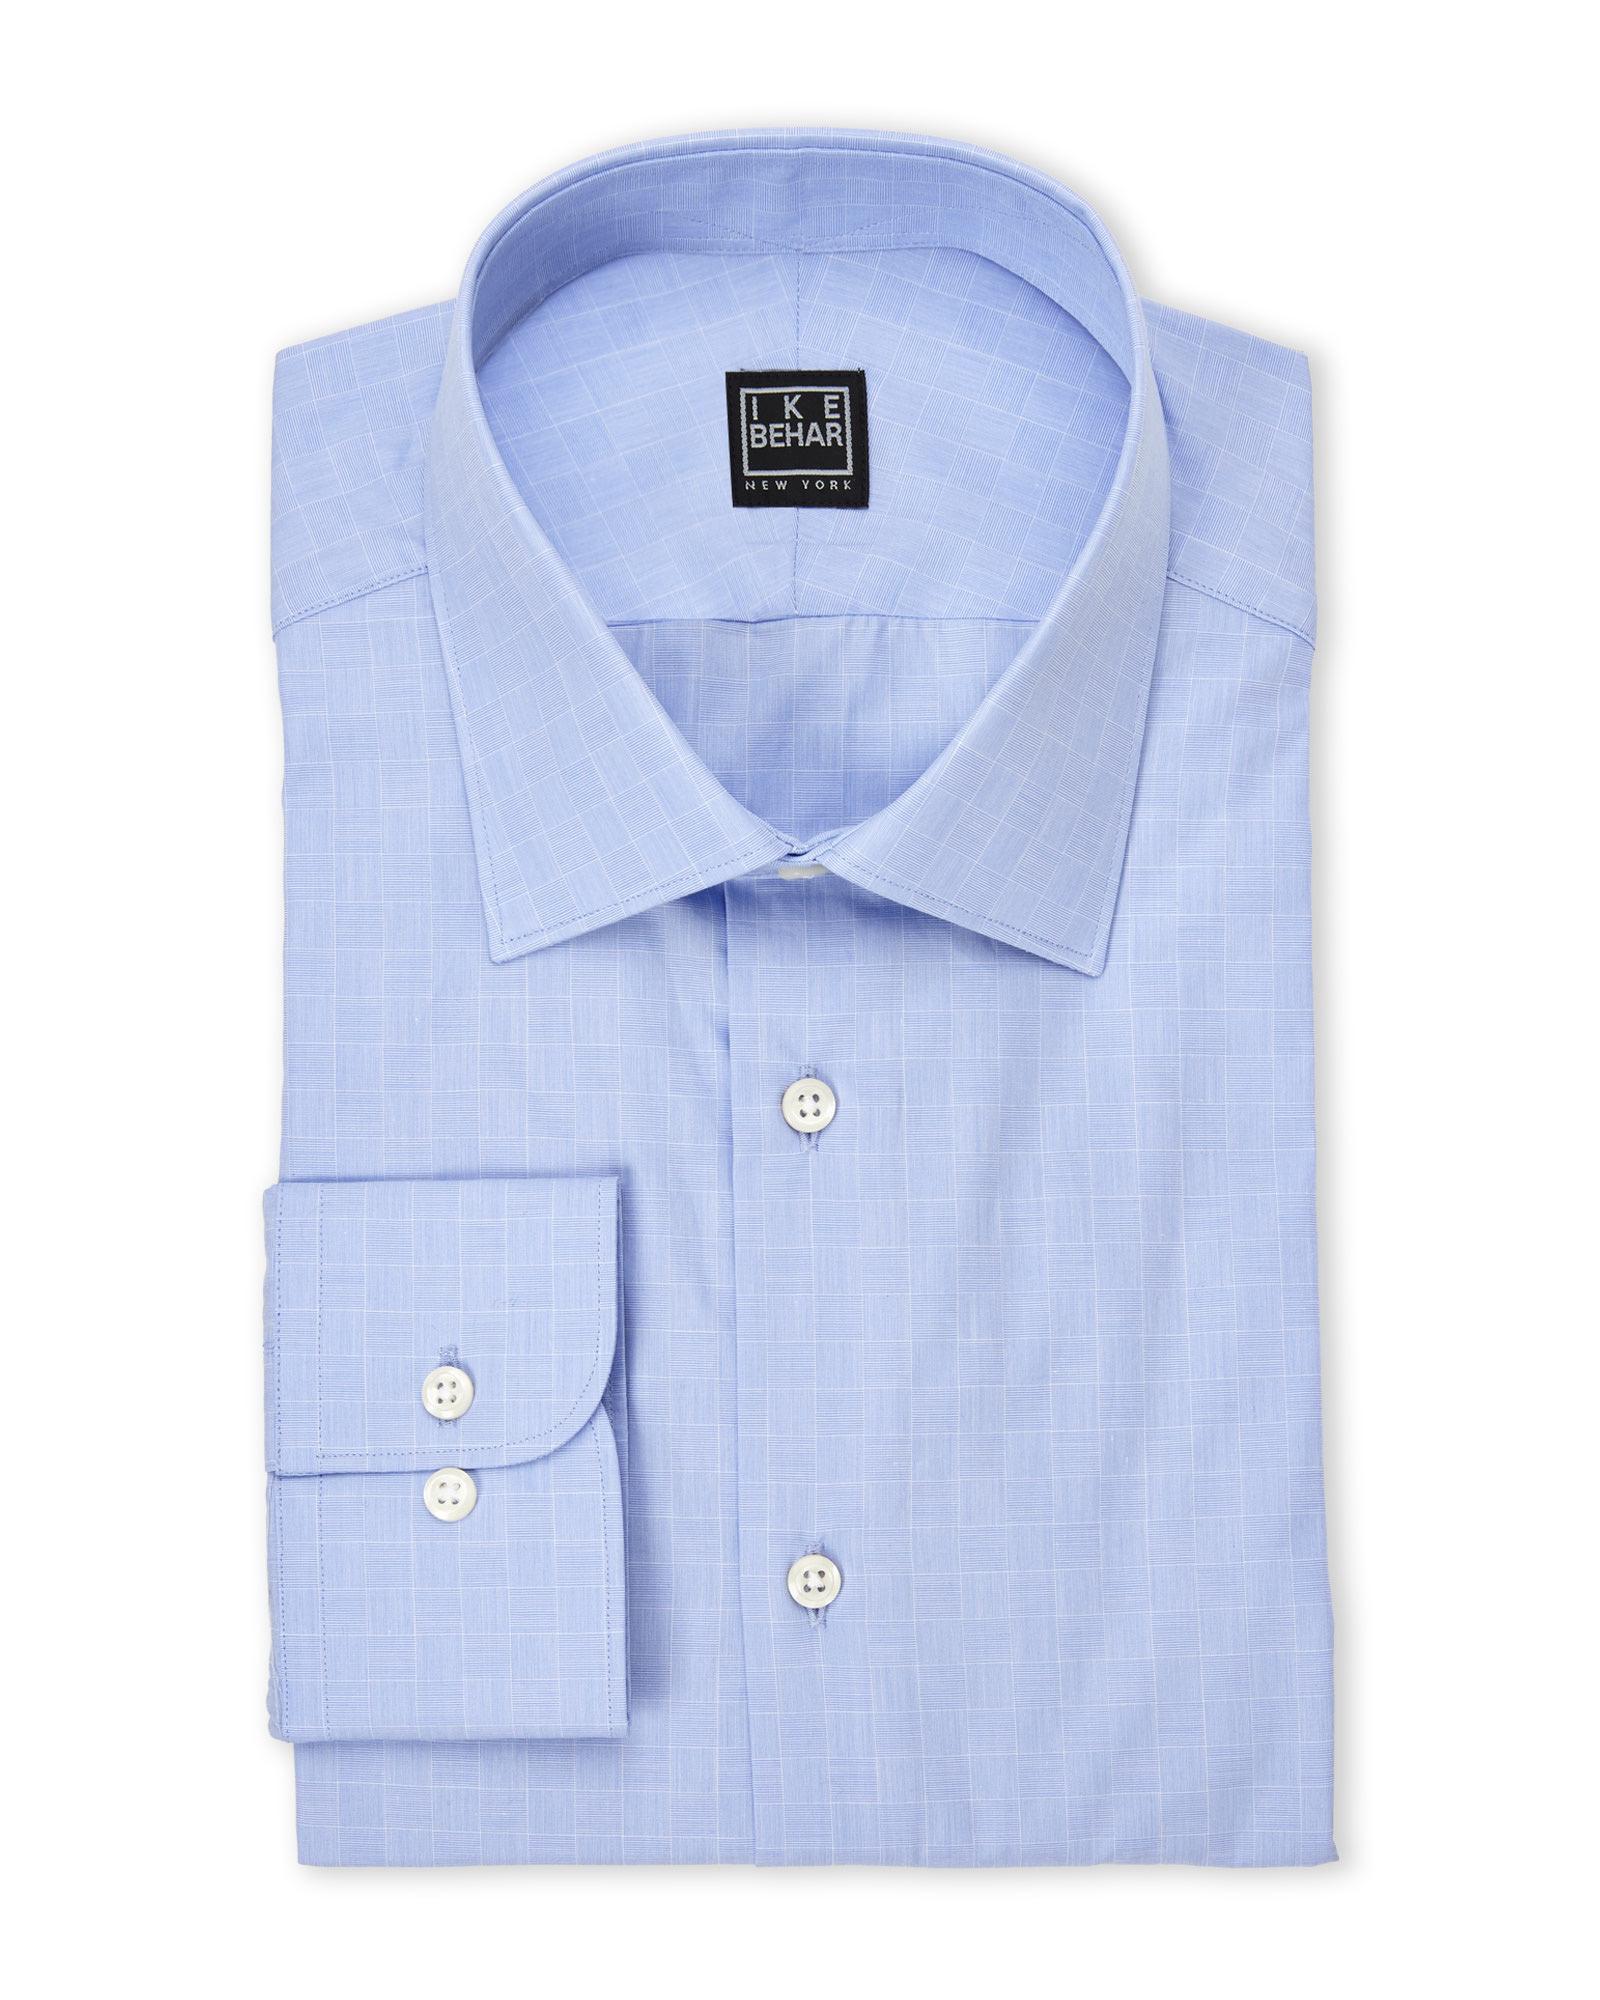 Lyst Ike Behar Blue Check Dress Shirt In Blue For Men